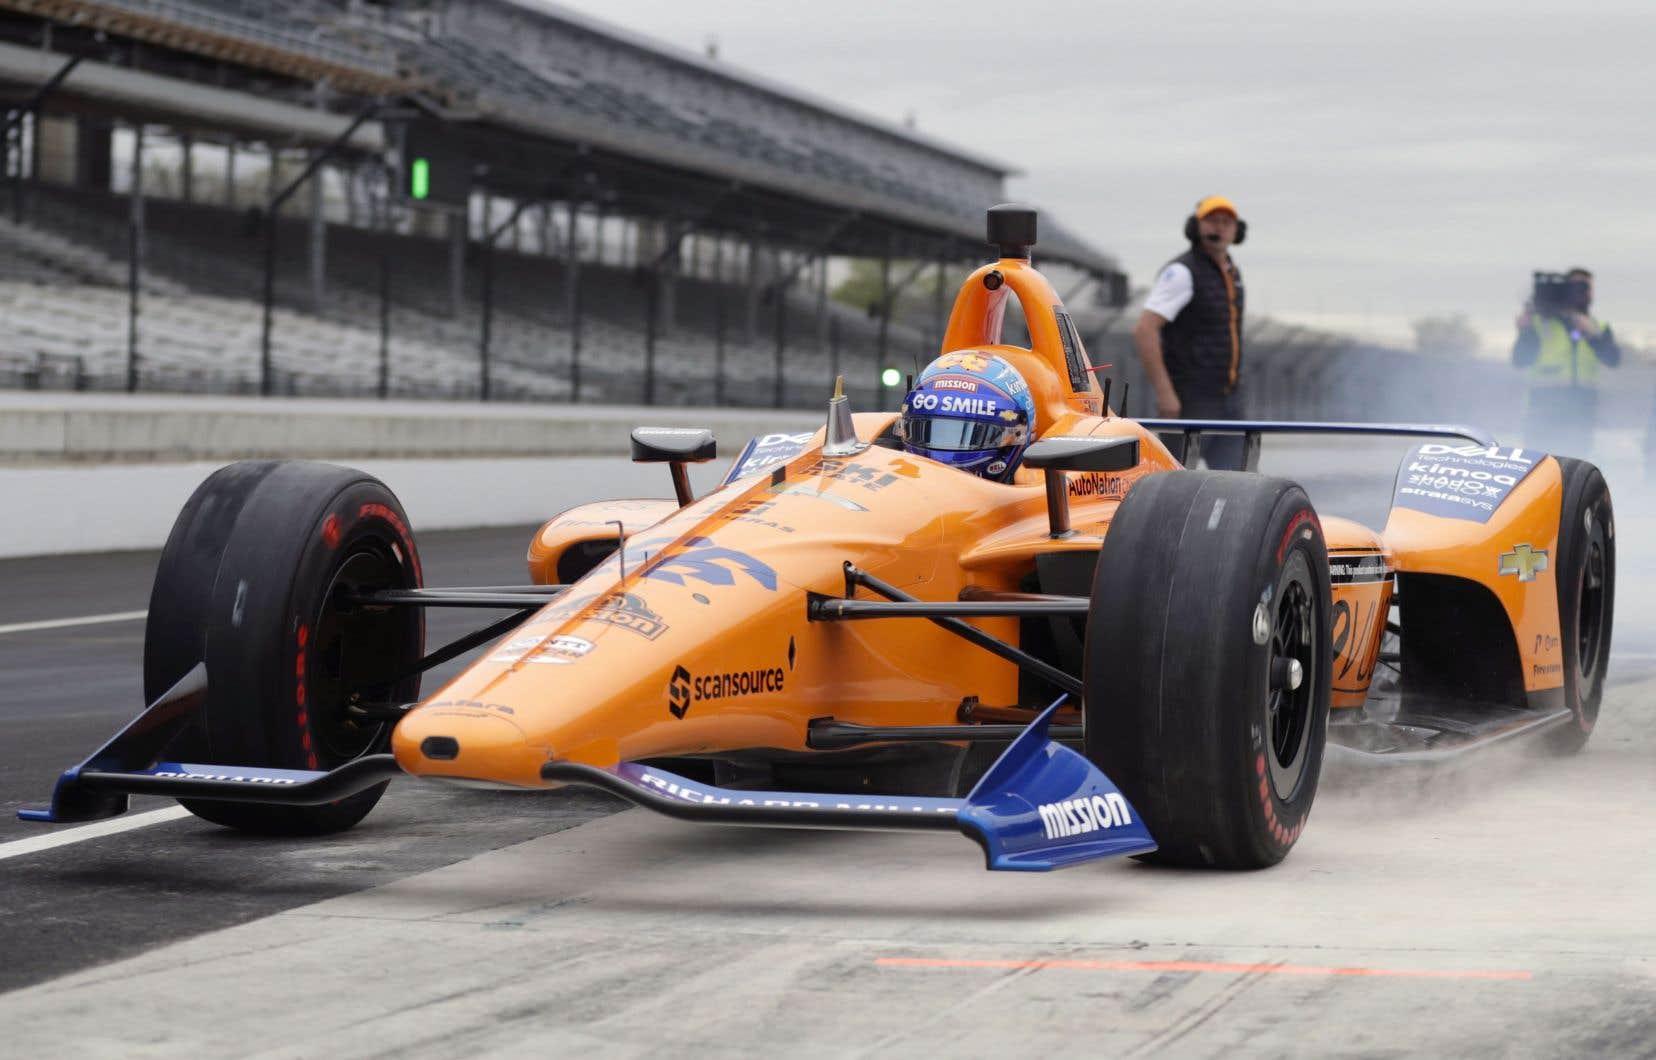 La quête d'Alonso est de remporter Indianapolis et de s'assurer la prestigieuse Triple couronne qui comprend le Grand Prix de Monaco de Formule 1 et la course d'endurance des 24heures duMans.